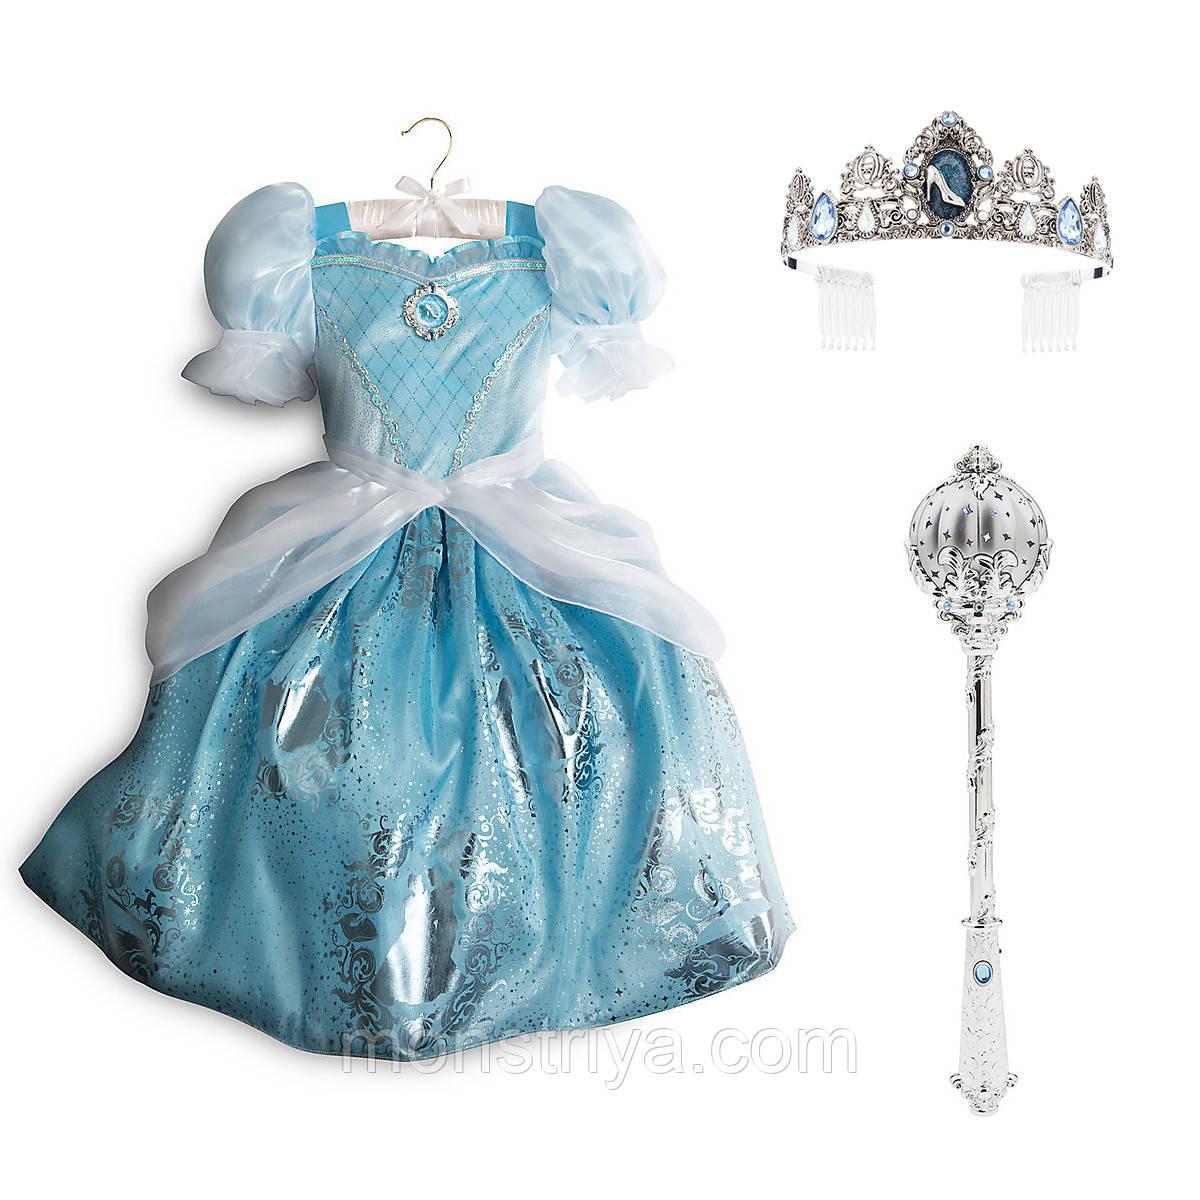 Карнавальный костюм Золушка: платье+ тиара + волшебная палочка со светоэффектами